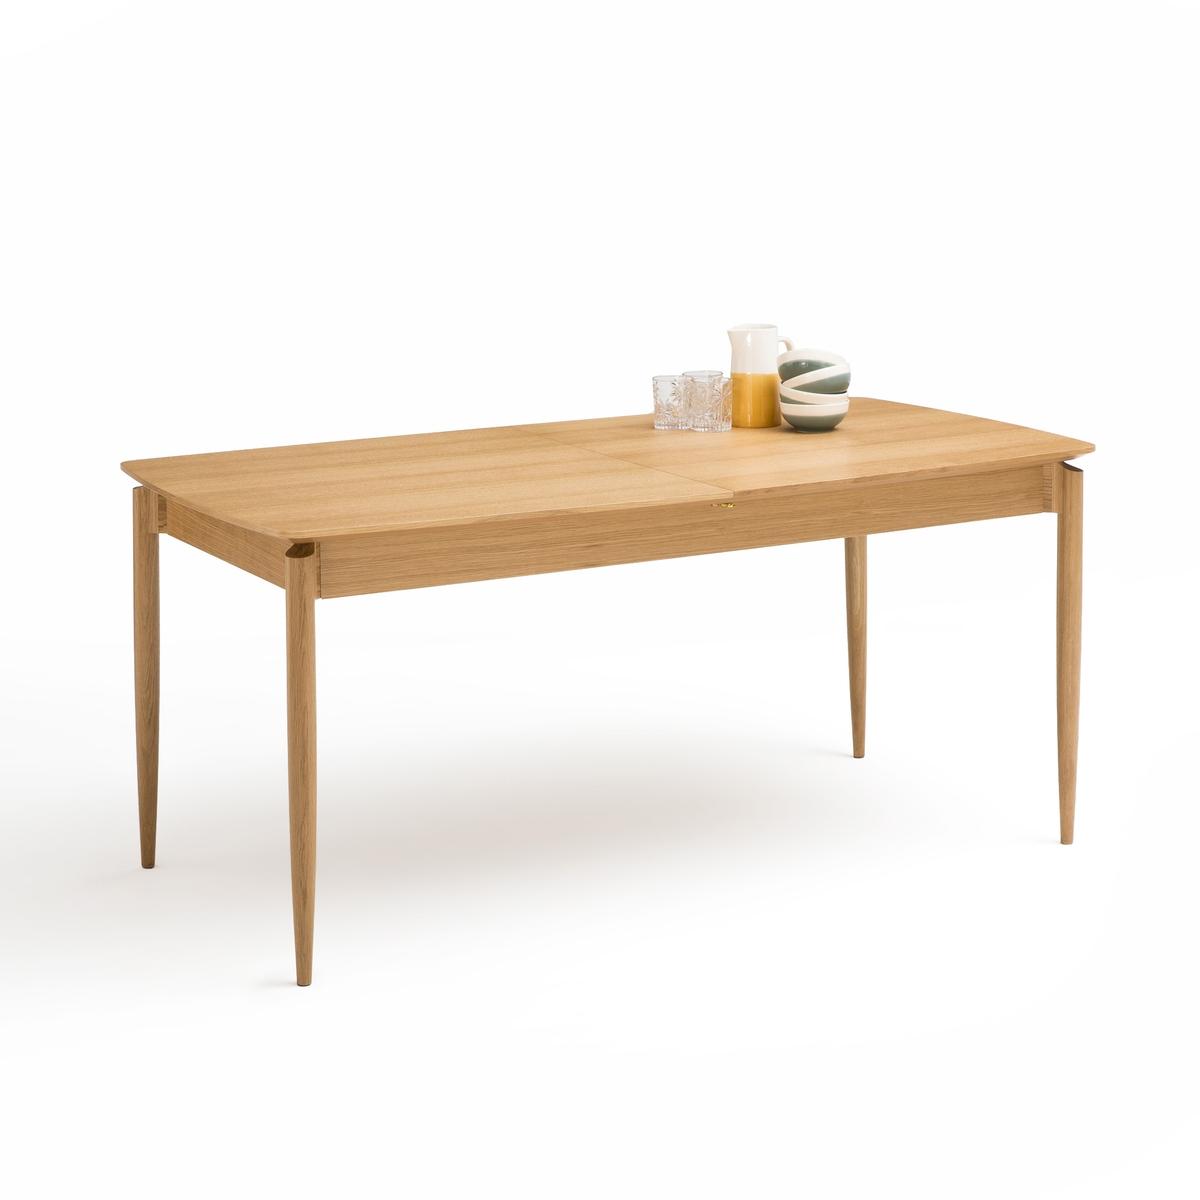 Стол LaRedoute Обеденный раздвижной на 6-8 персон Nochy 8 персоны каштановый круглый laredoute стол на 4 8 персон authentic style 8 персоны белый